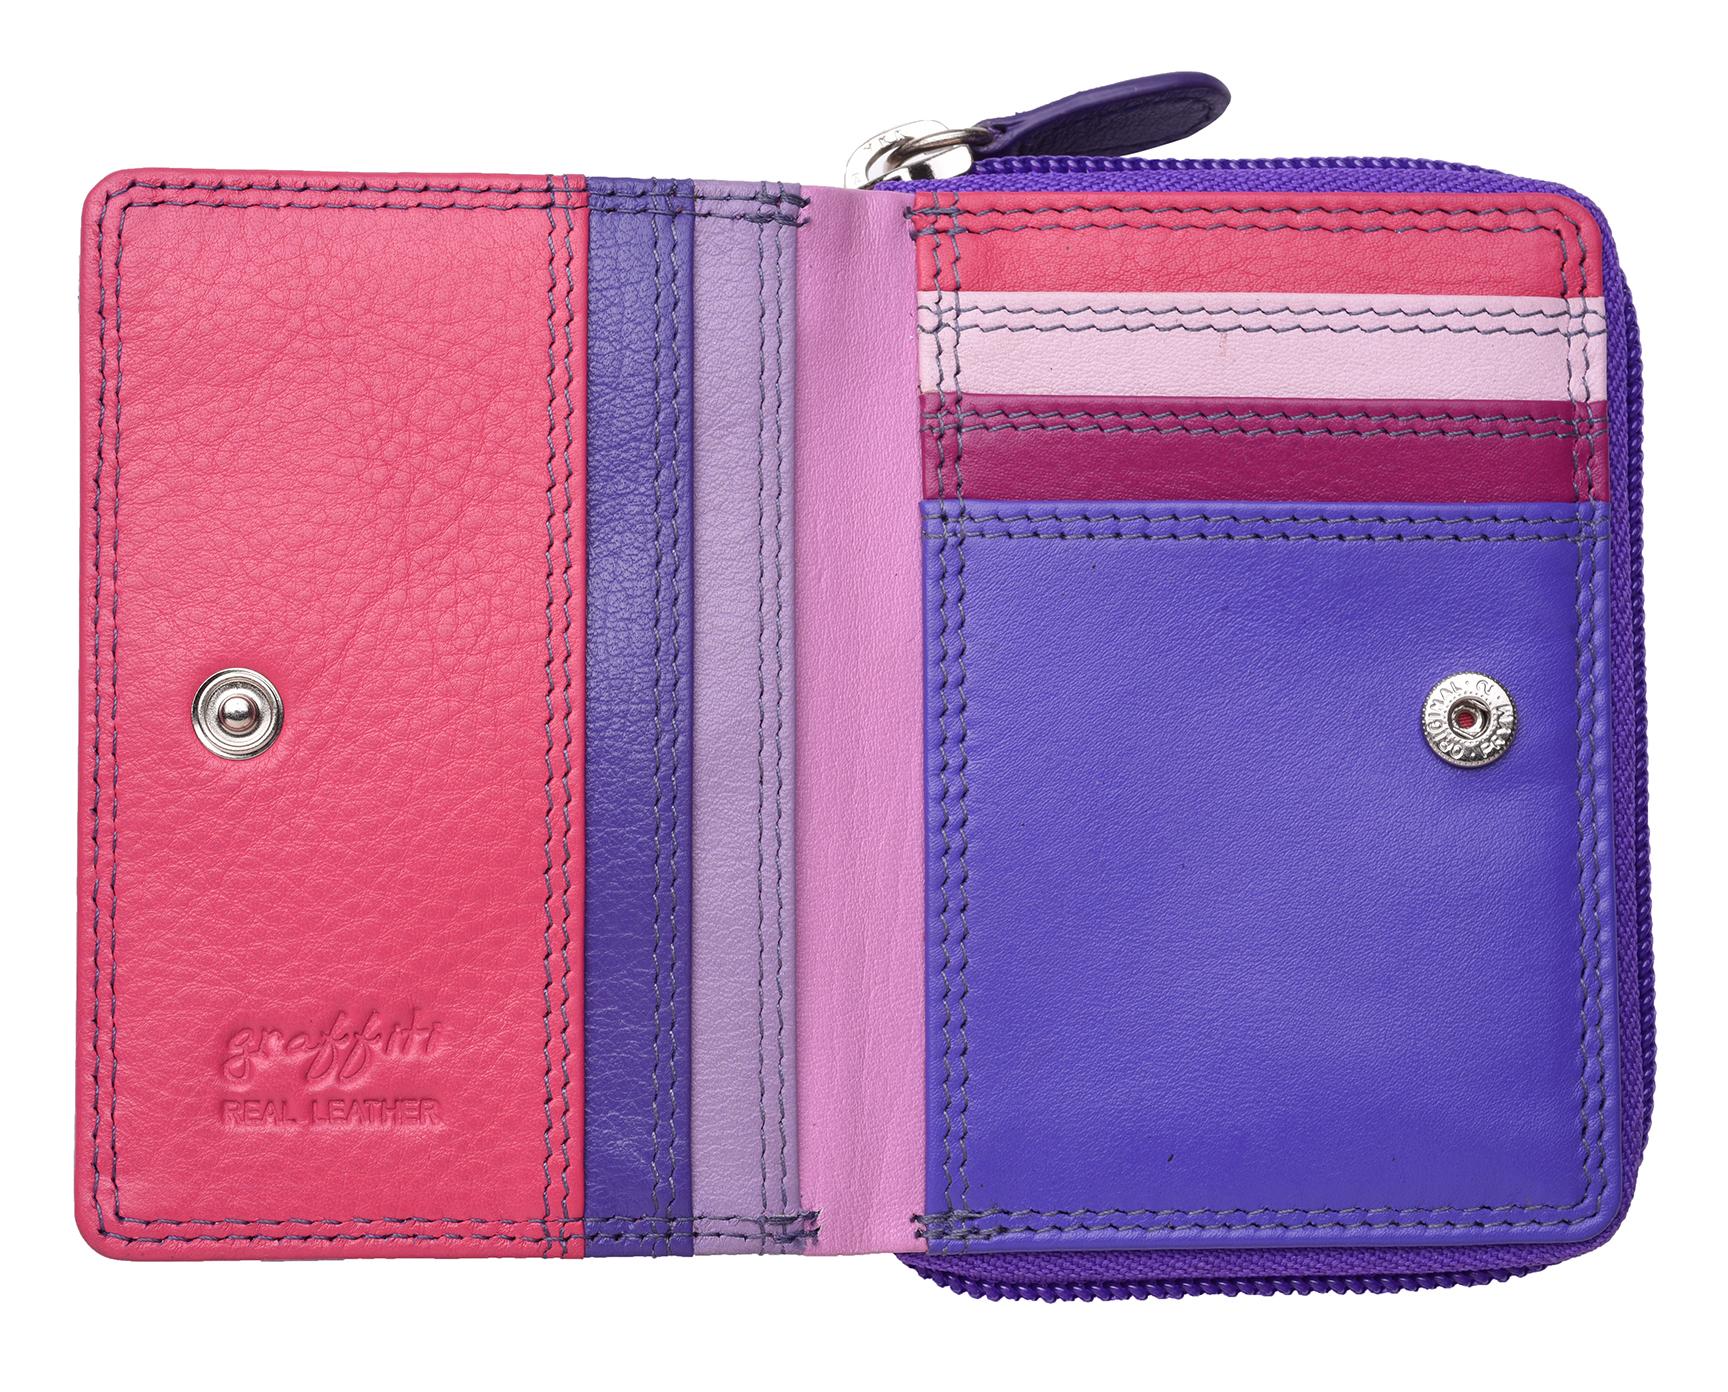 Femme-Femmes-RFID-Bloquant-en-Cuir-Veritable-Petit-Sac-a-main-portefeuille-vert-rose-rouge miniature 34